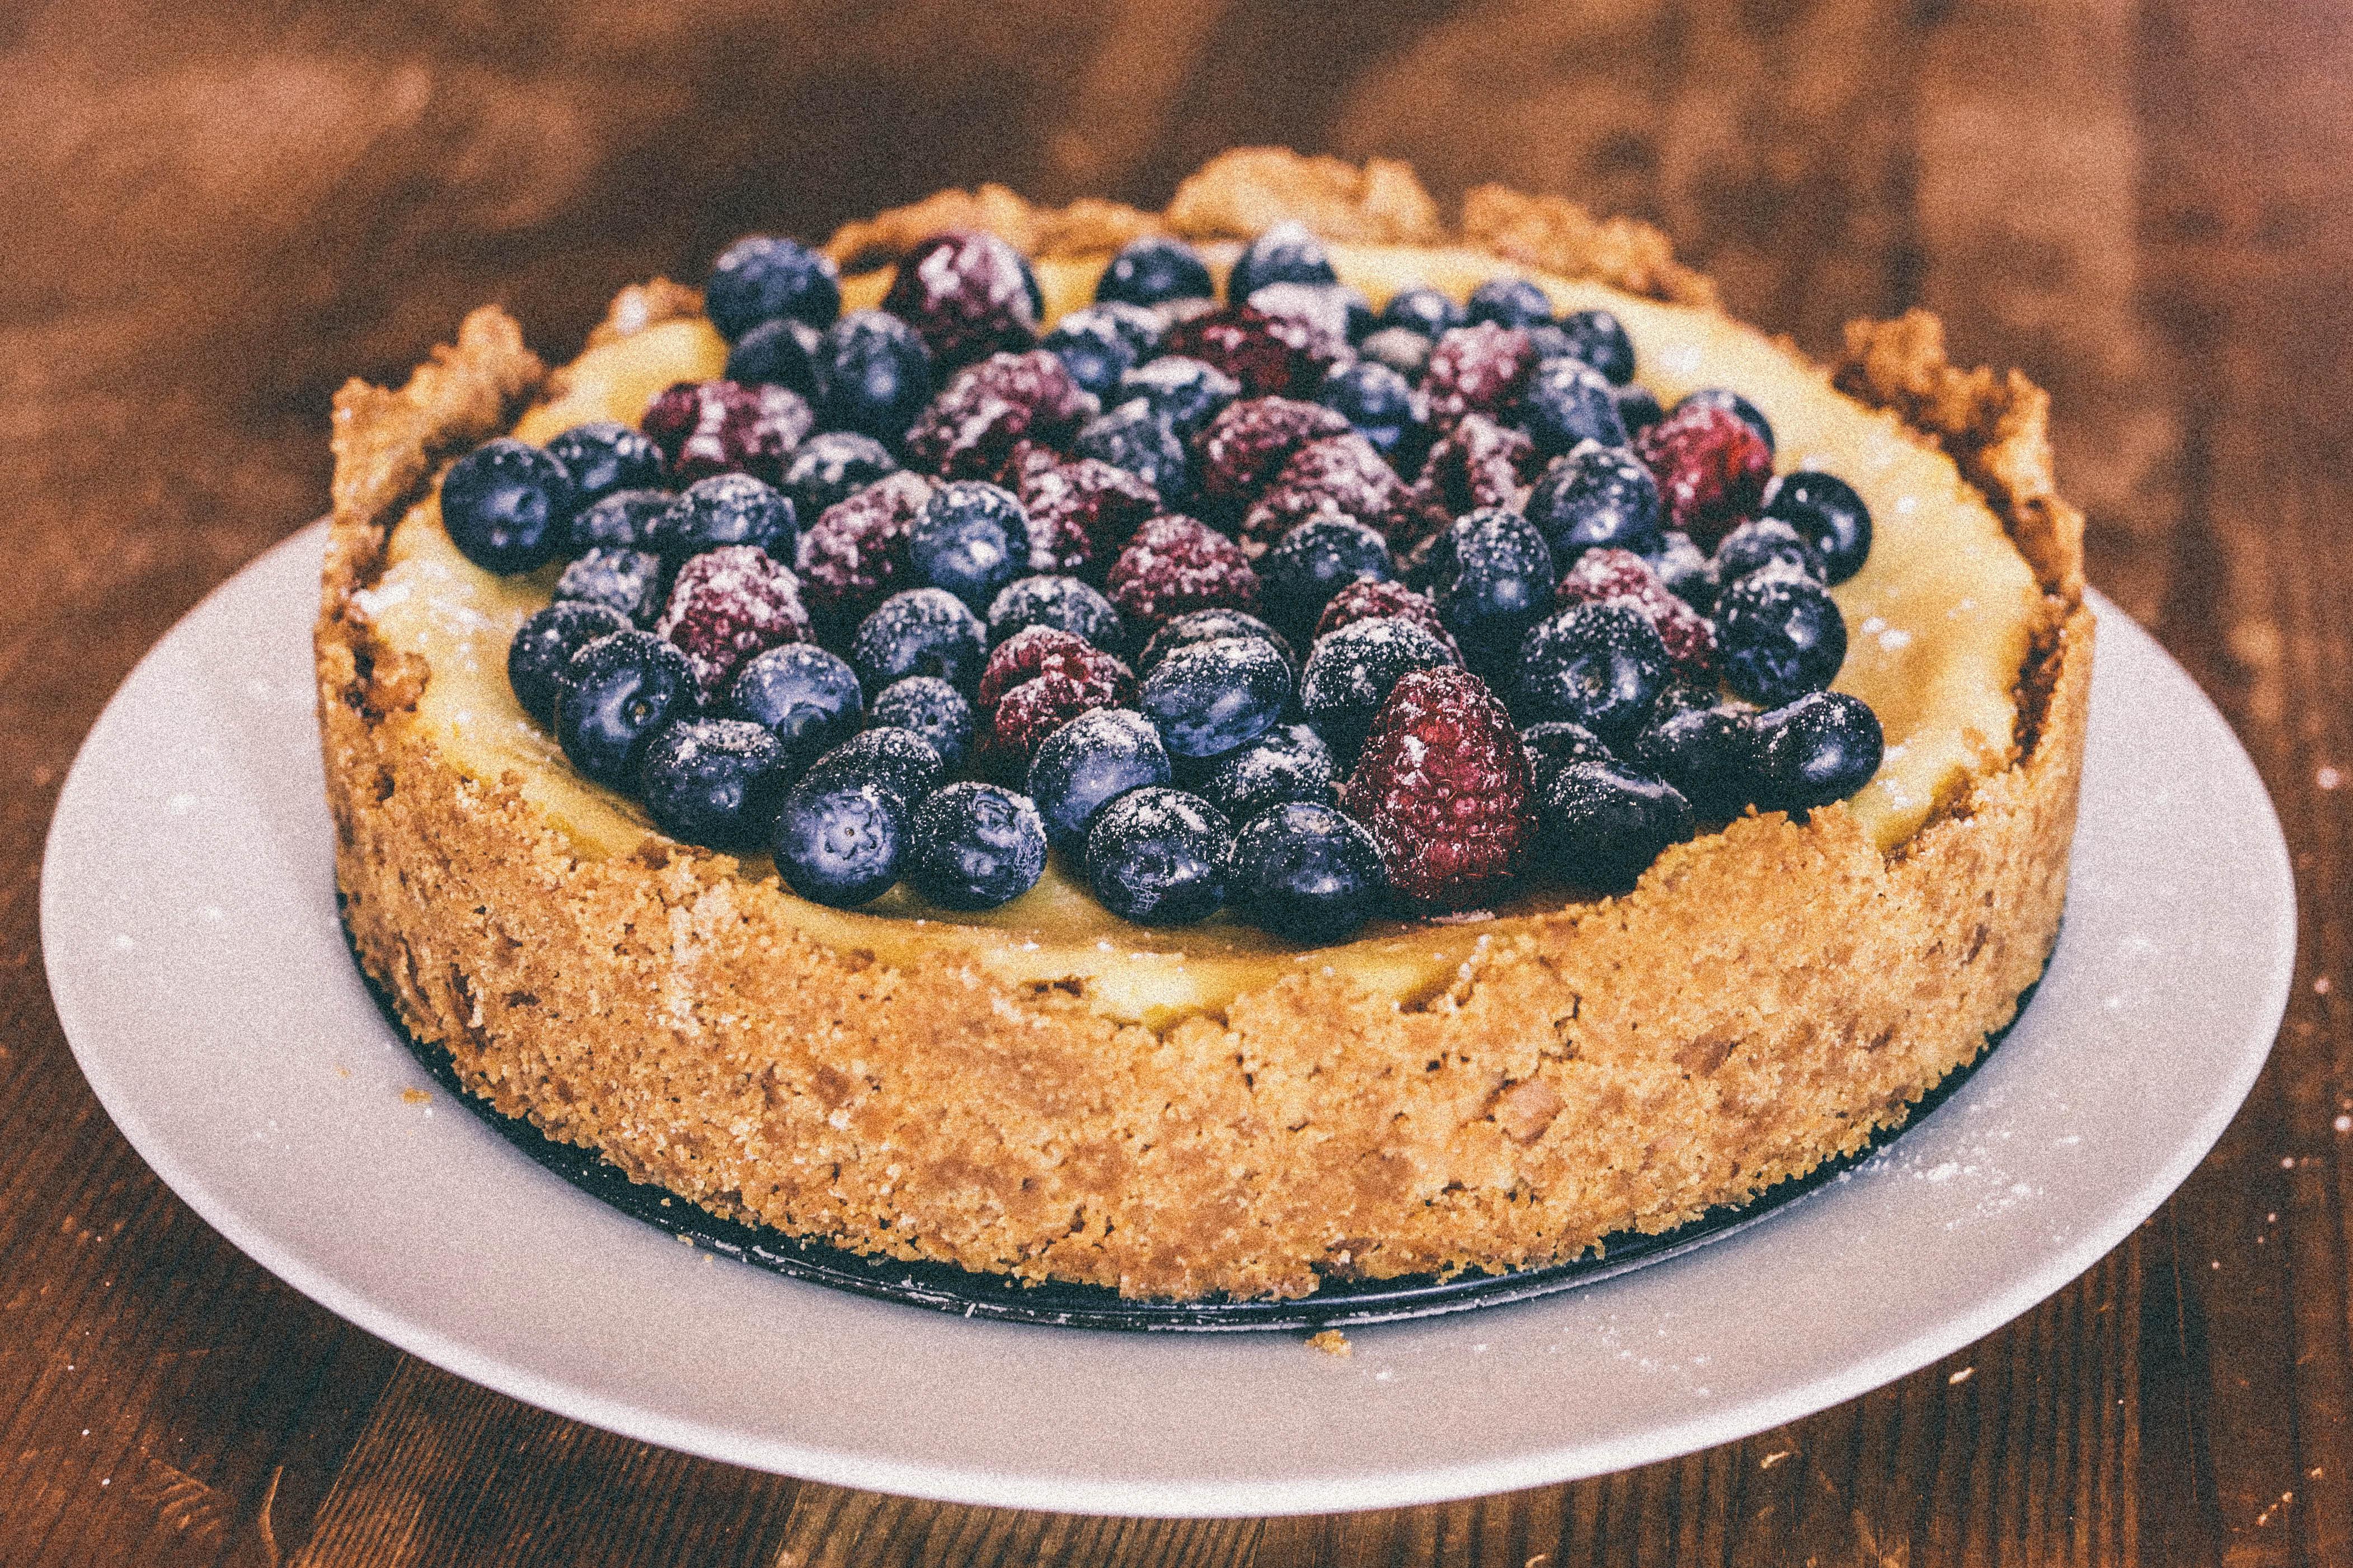 Торт с ягодами - 155 рецептов приготовления пошагово - 1000 76